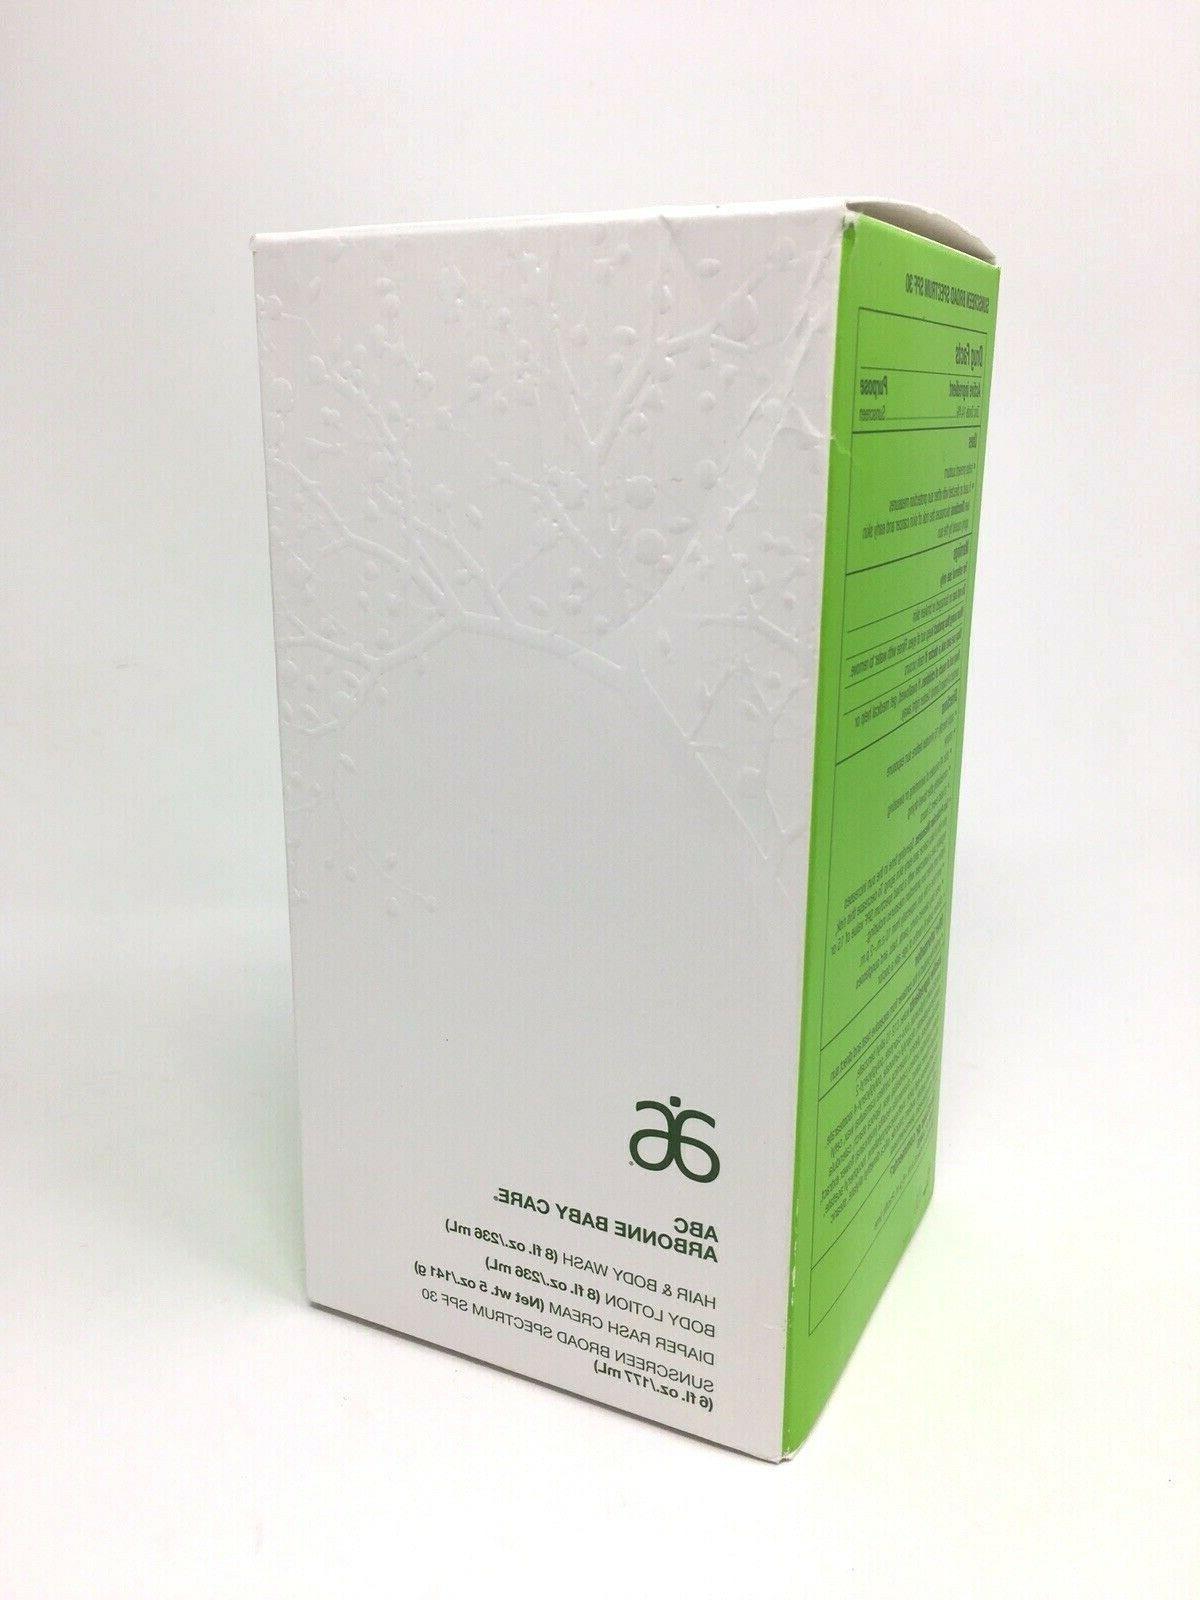 abc baby care sunscreen diaper cream body